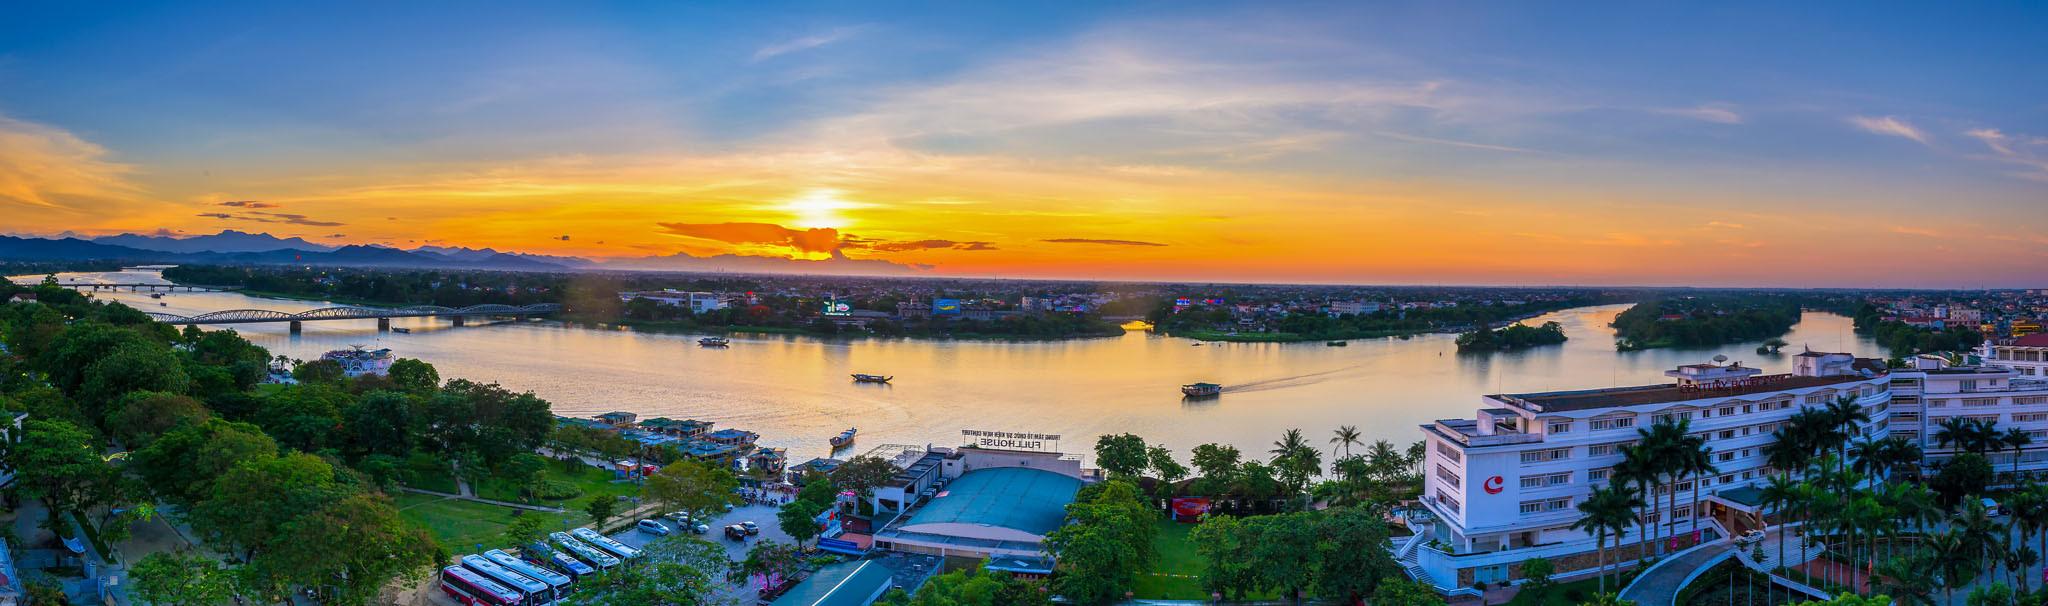 Découverte de la beauté naturelle de Dong Giang